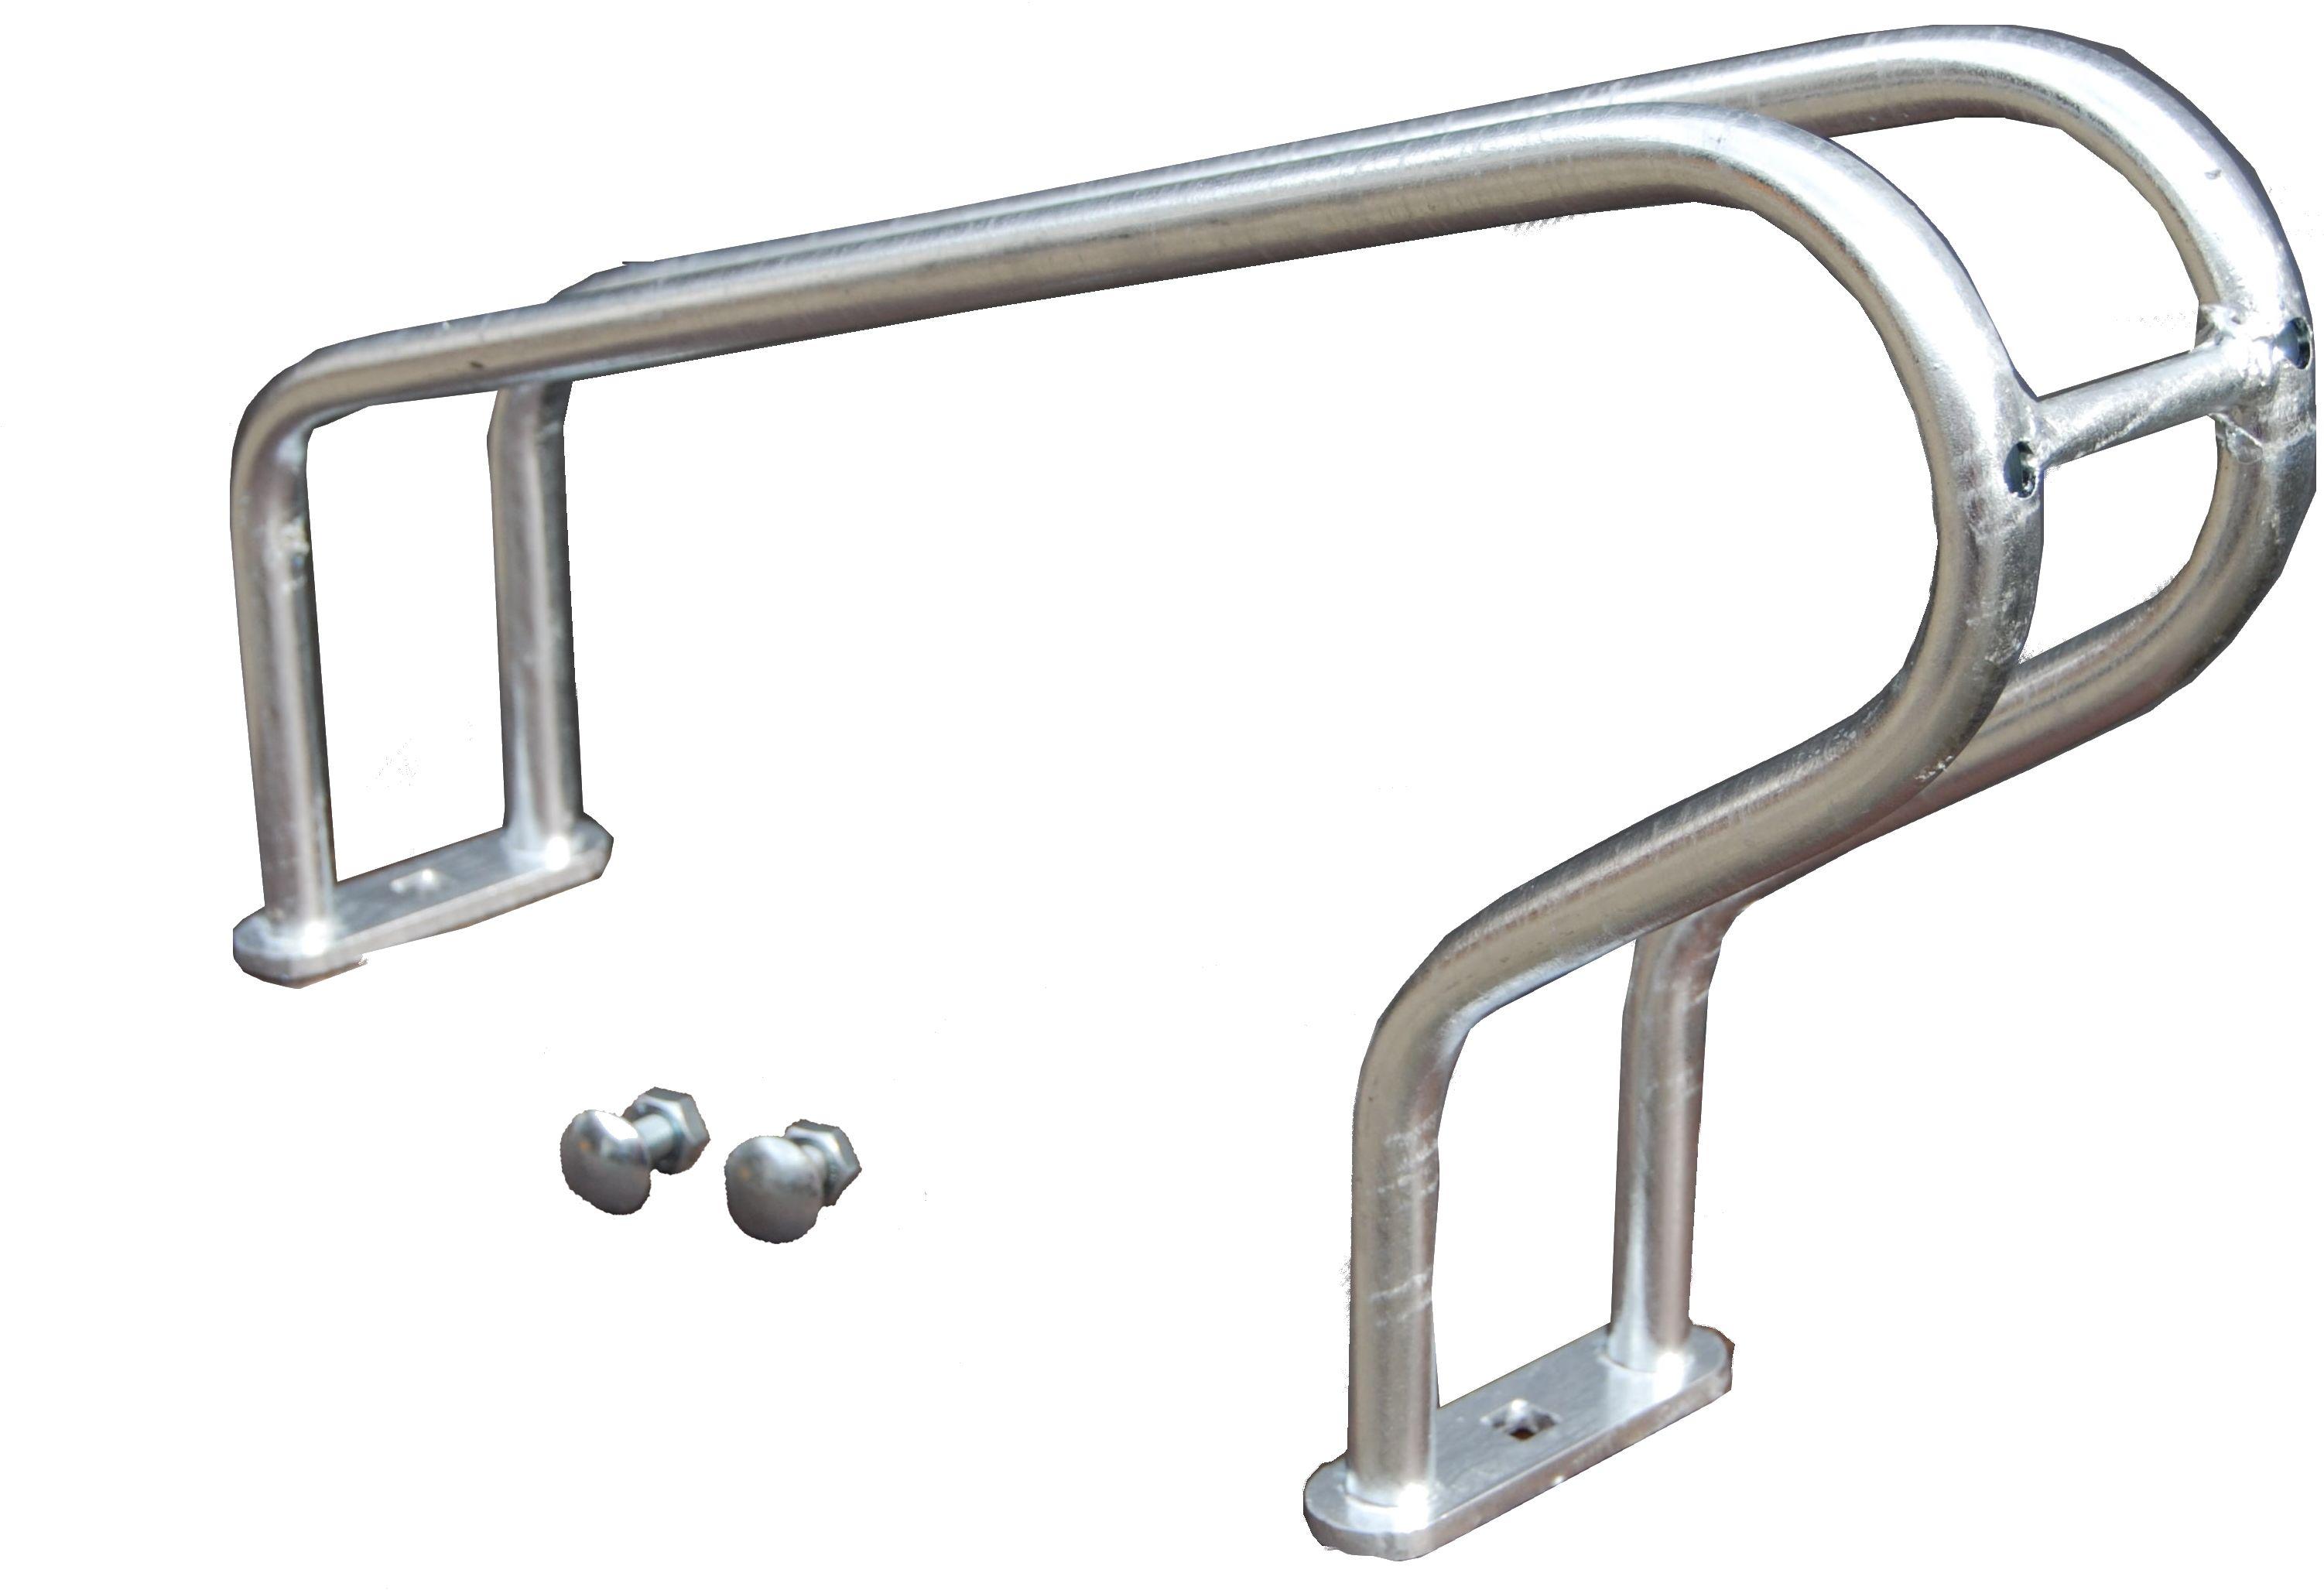 Niskie stanowisko rowerowe do stojaka skręcanego